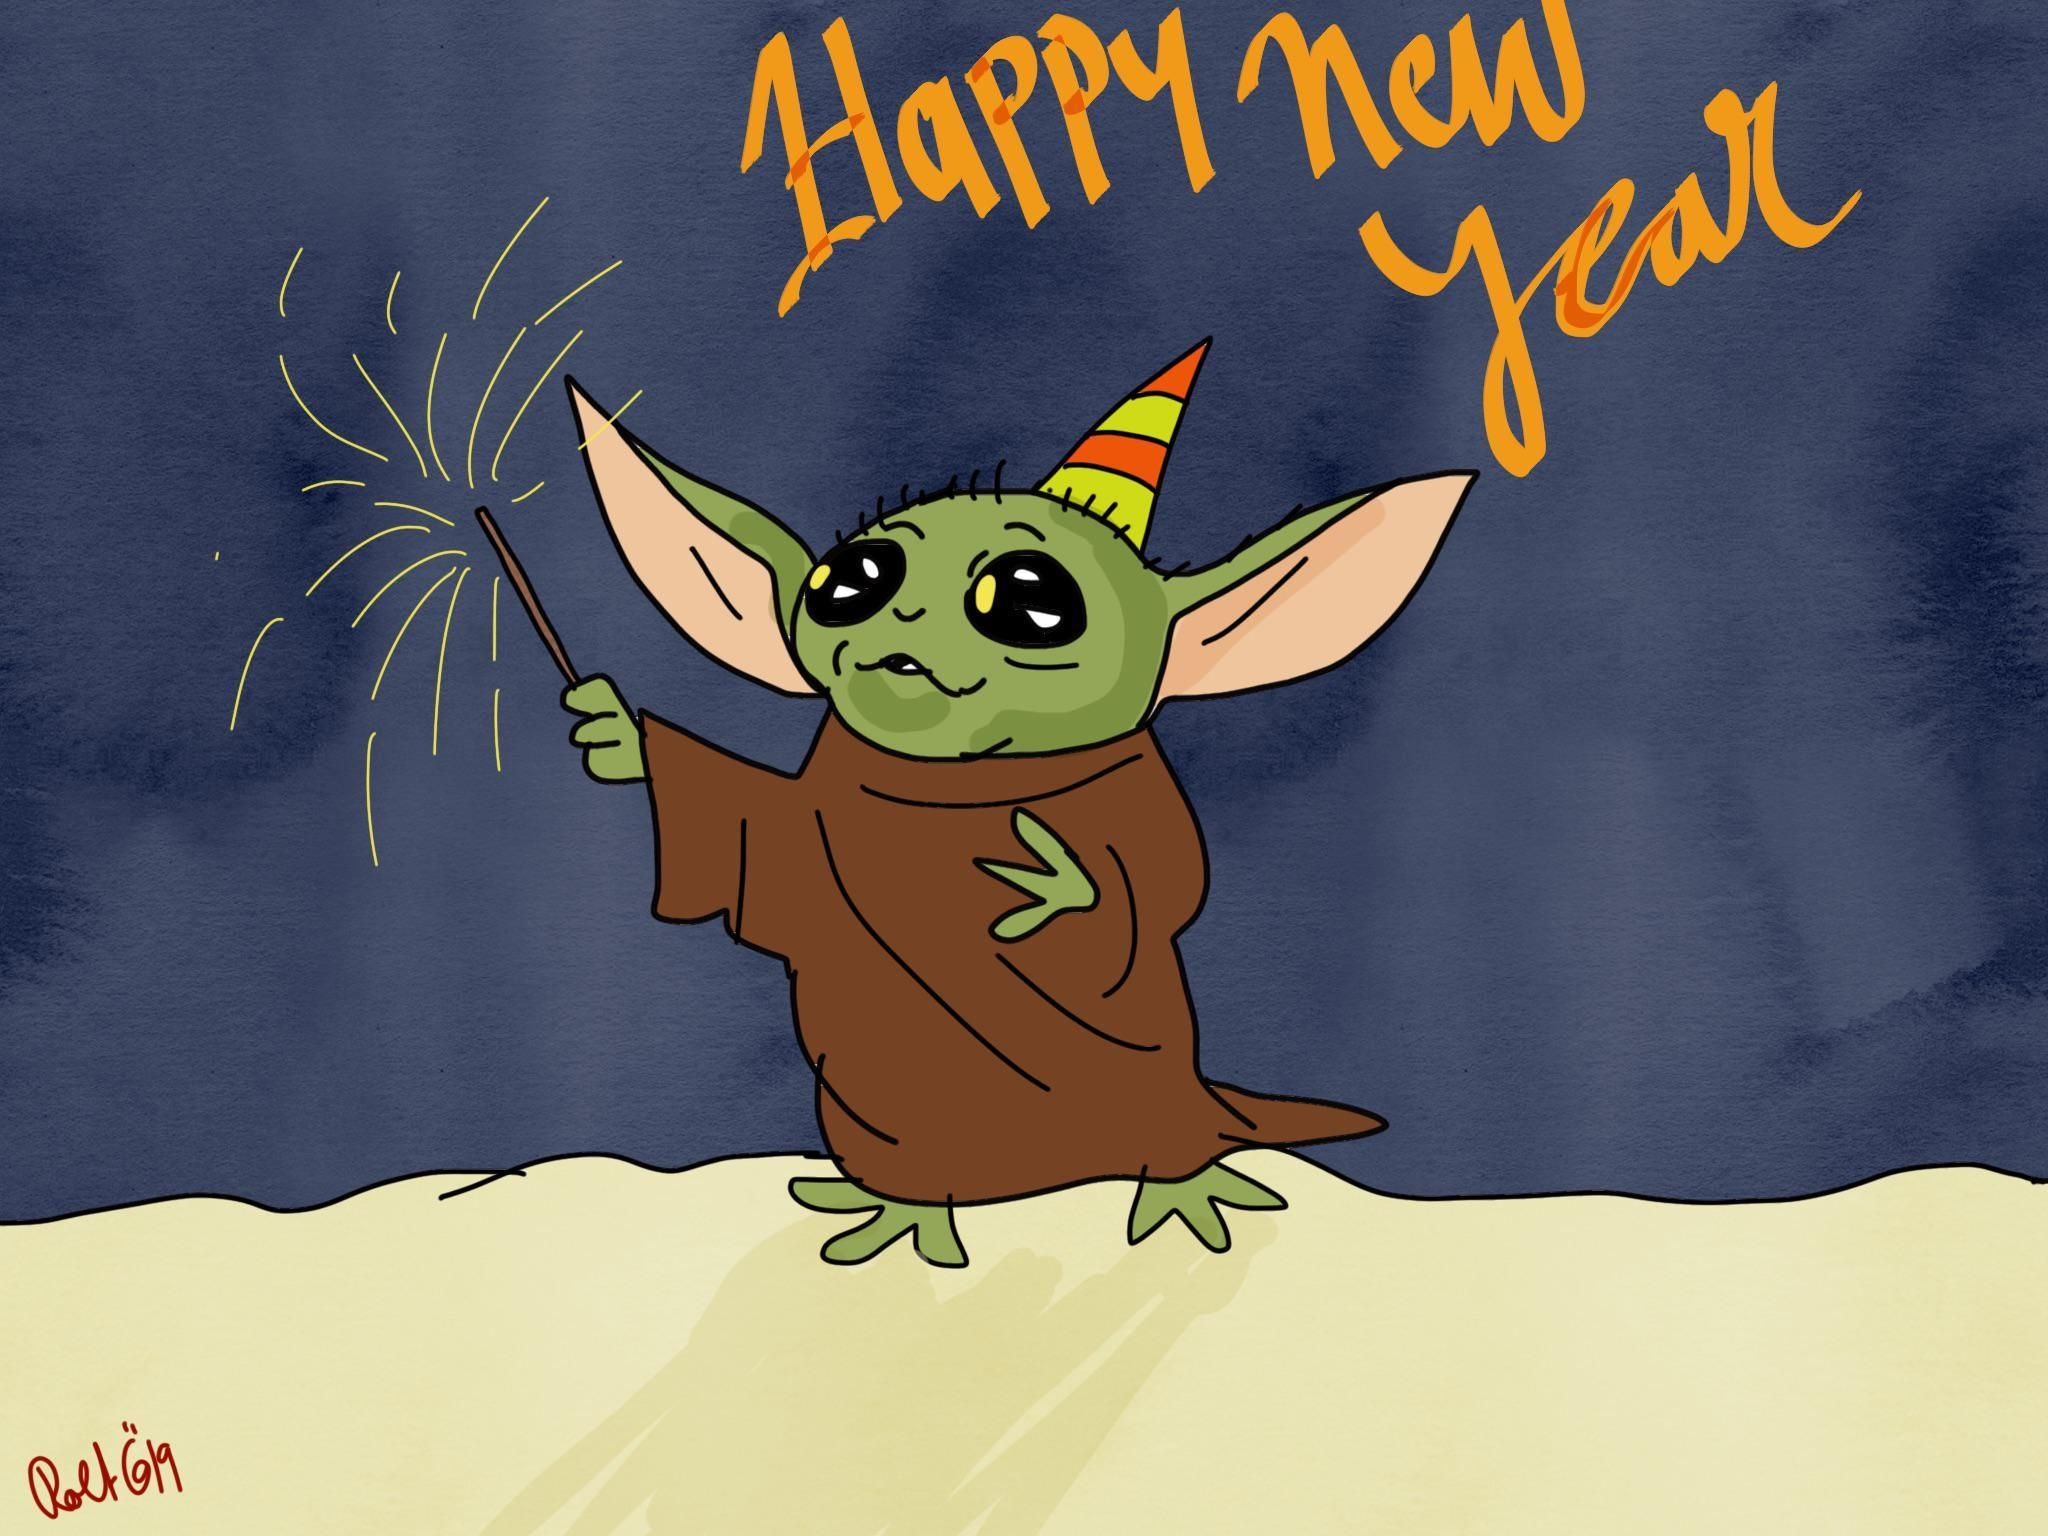 Happy New Year R Yiddle Baby Yoda Grogu Yoda Images Yoda Star Wars Yoda